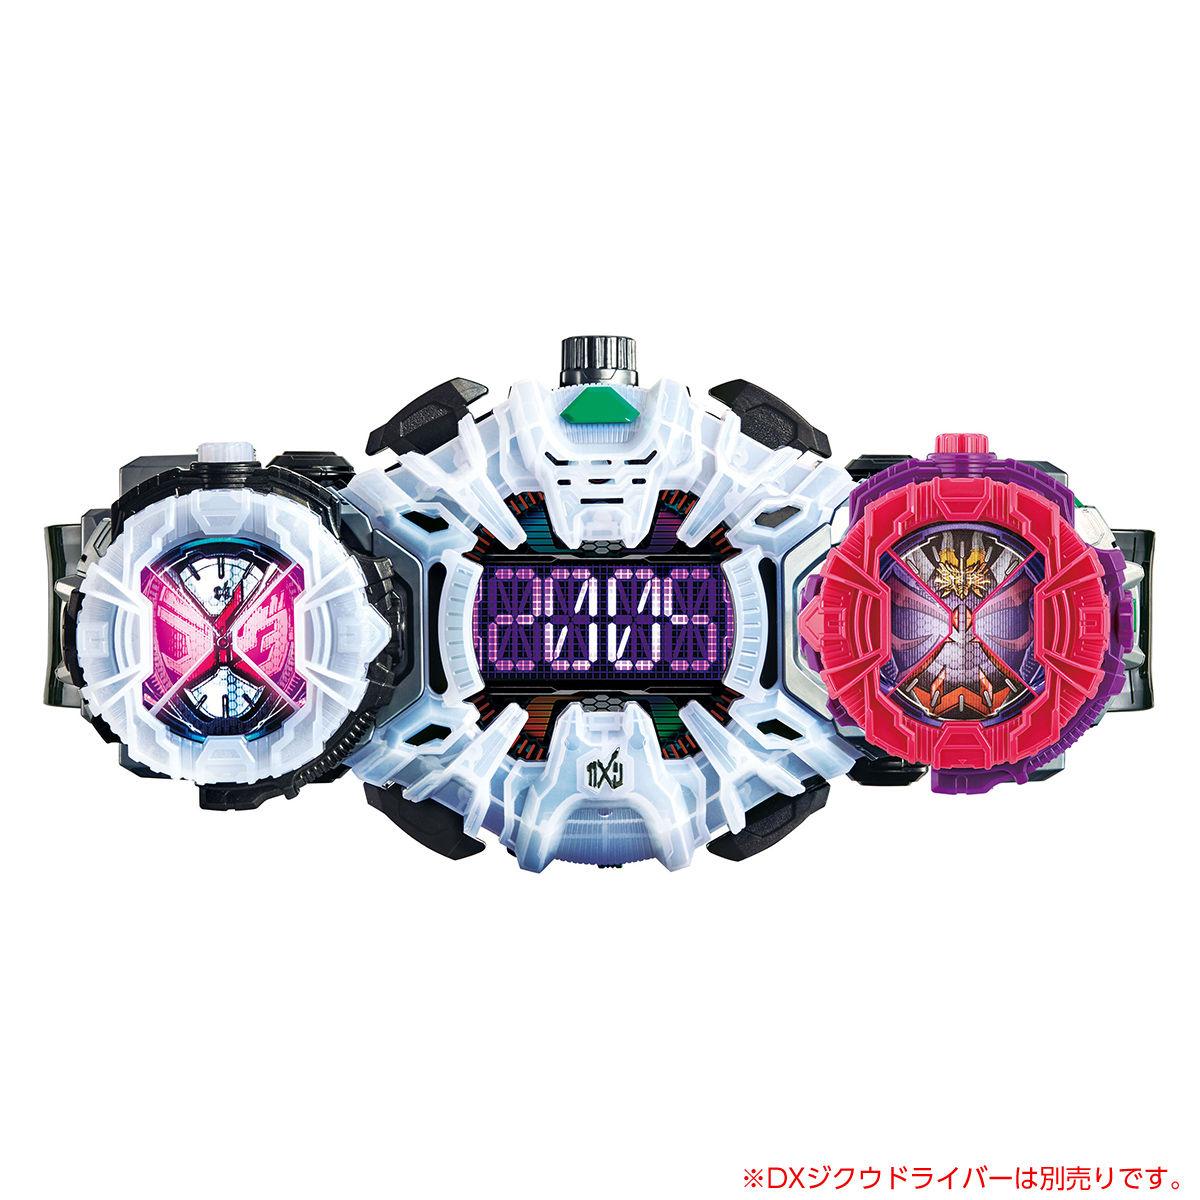 仮面ライダージオウ『DX響鬼ライドウォッチ』変身なりきり-004